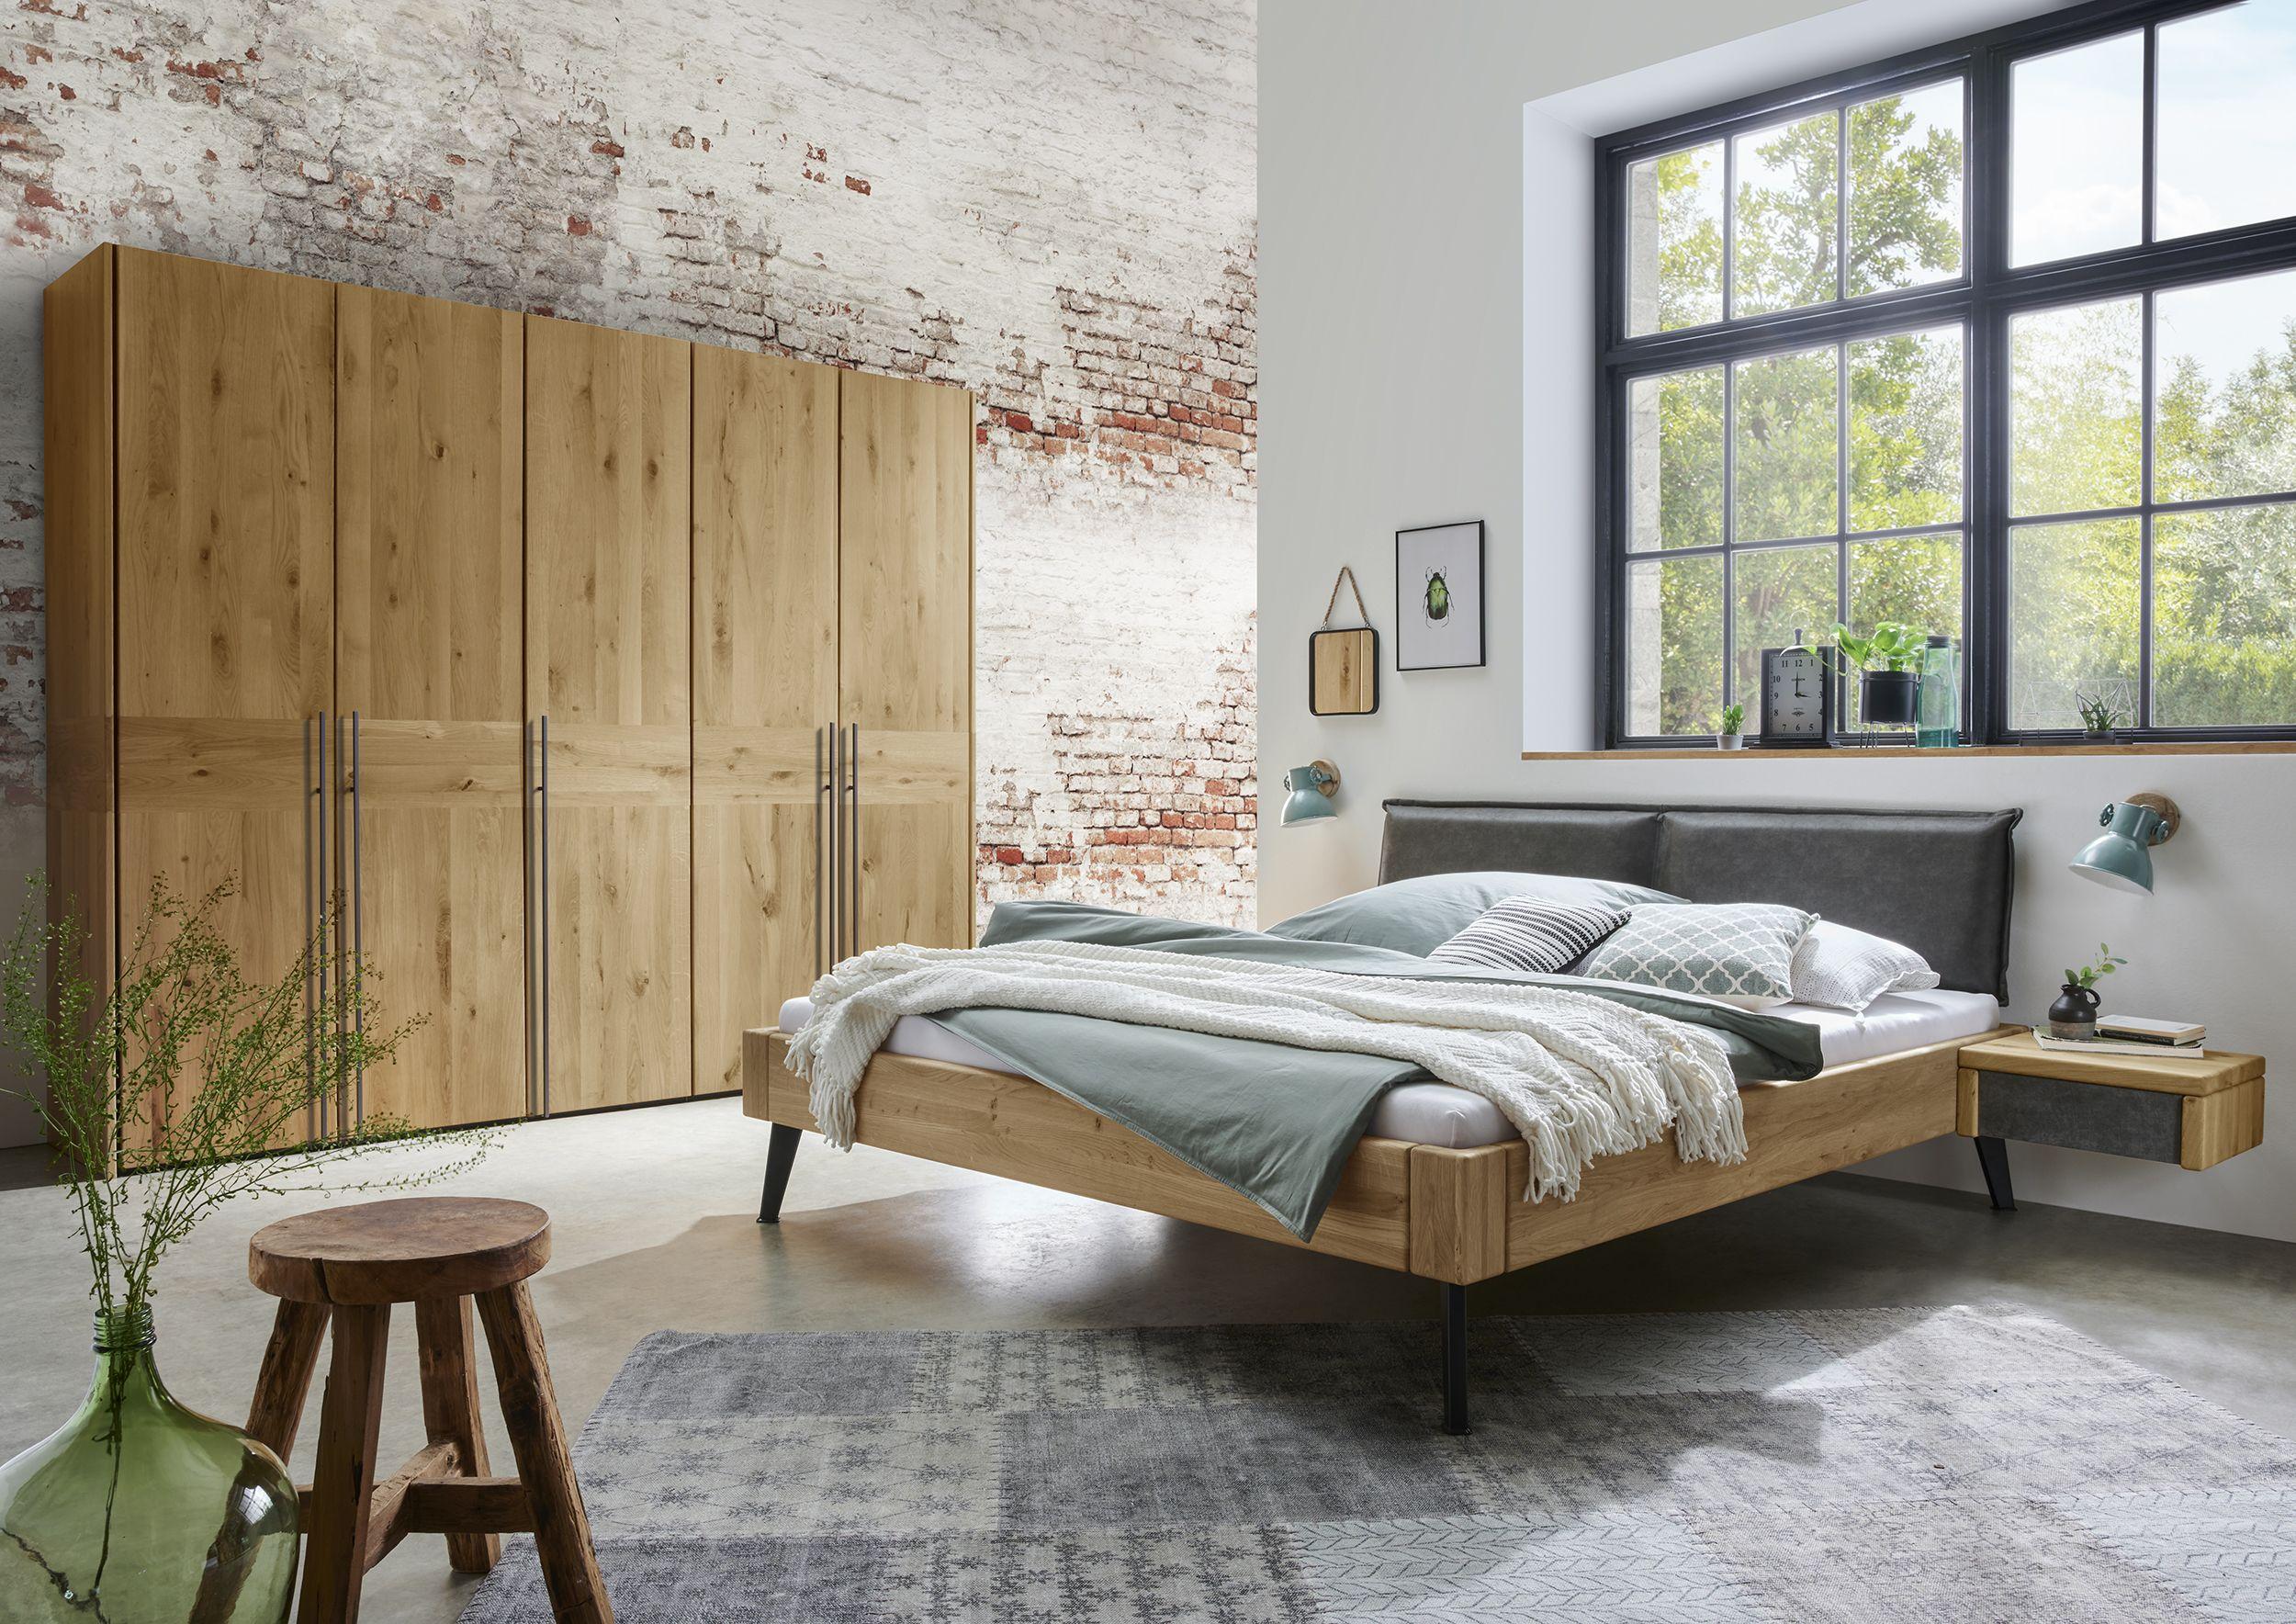 Bett In Massiver Wildeiche Mit Polsterkopfteil Haus Polsterkopfteil Bett